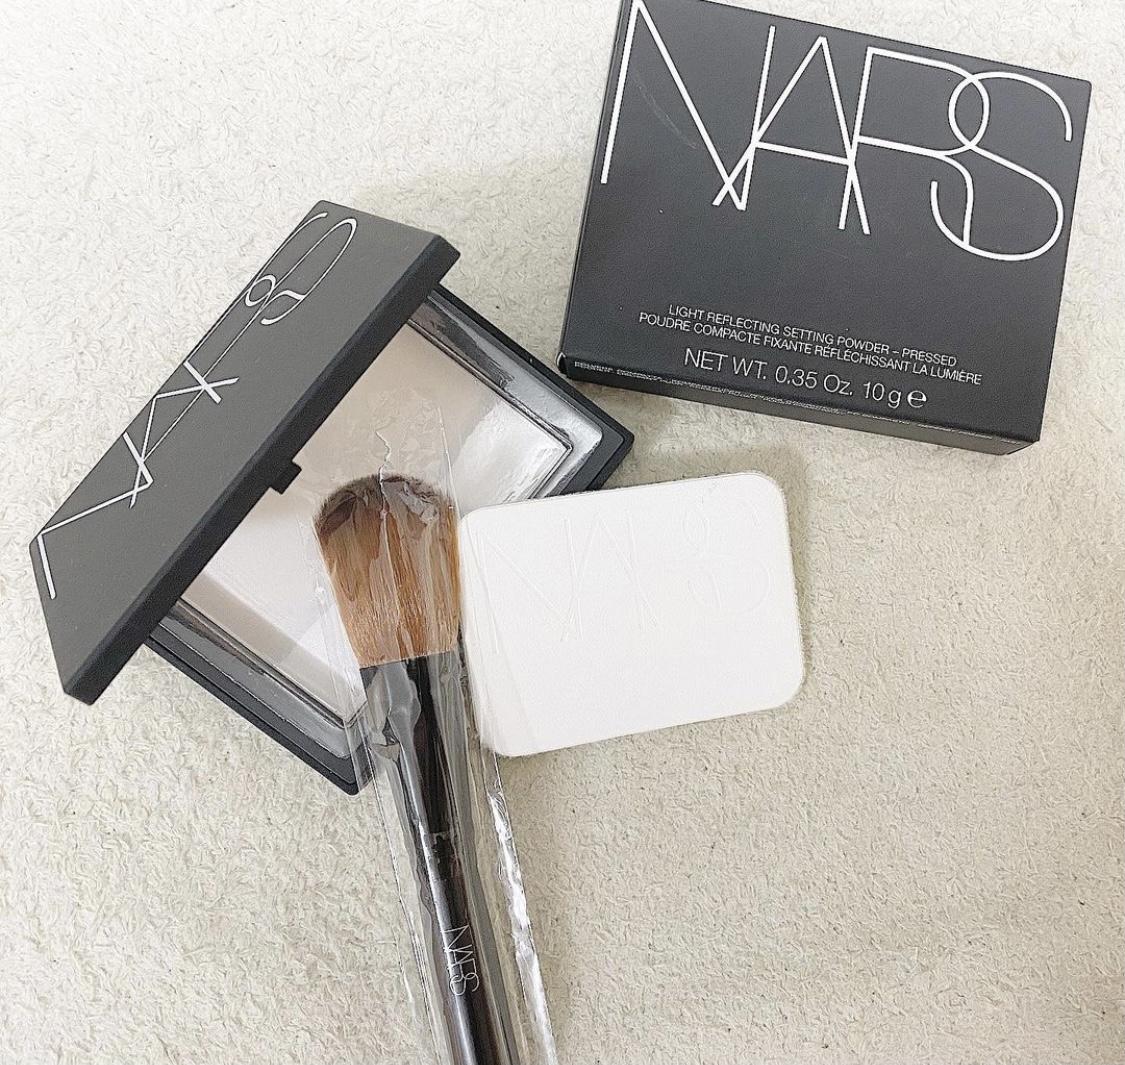 NARS(ナーズ)ライトリフレクティングセッティングパウダー プレスト Nを使ったmpさんのクチコミ画像1